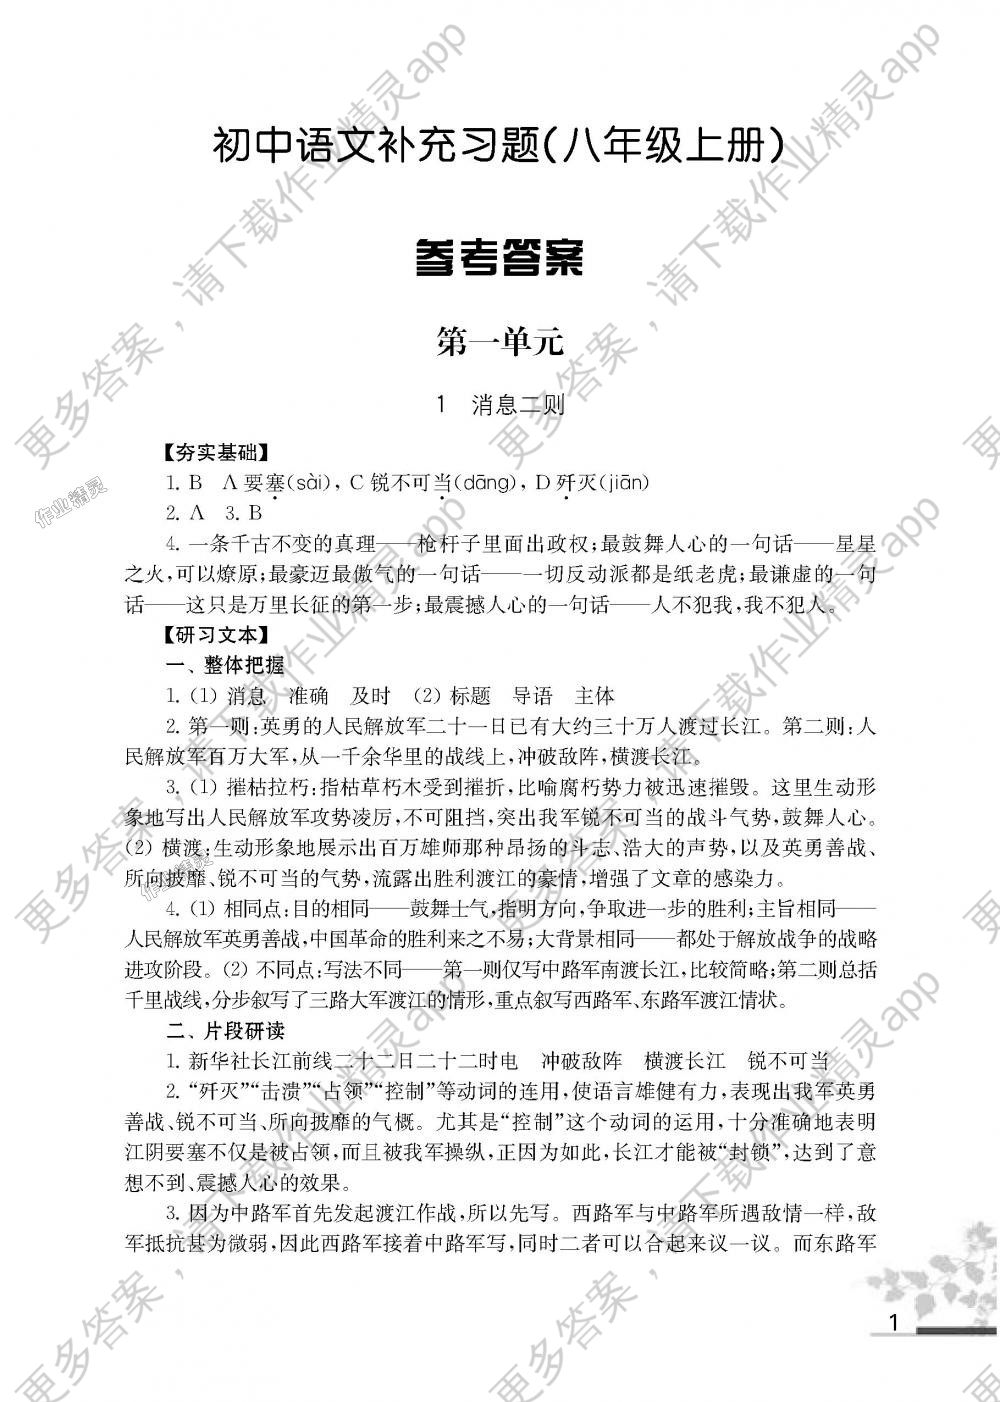 2018年语文补充习题八年级上册人教版江苏凤凰教育出版社 第1页